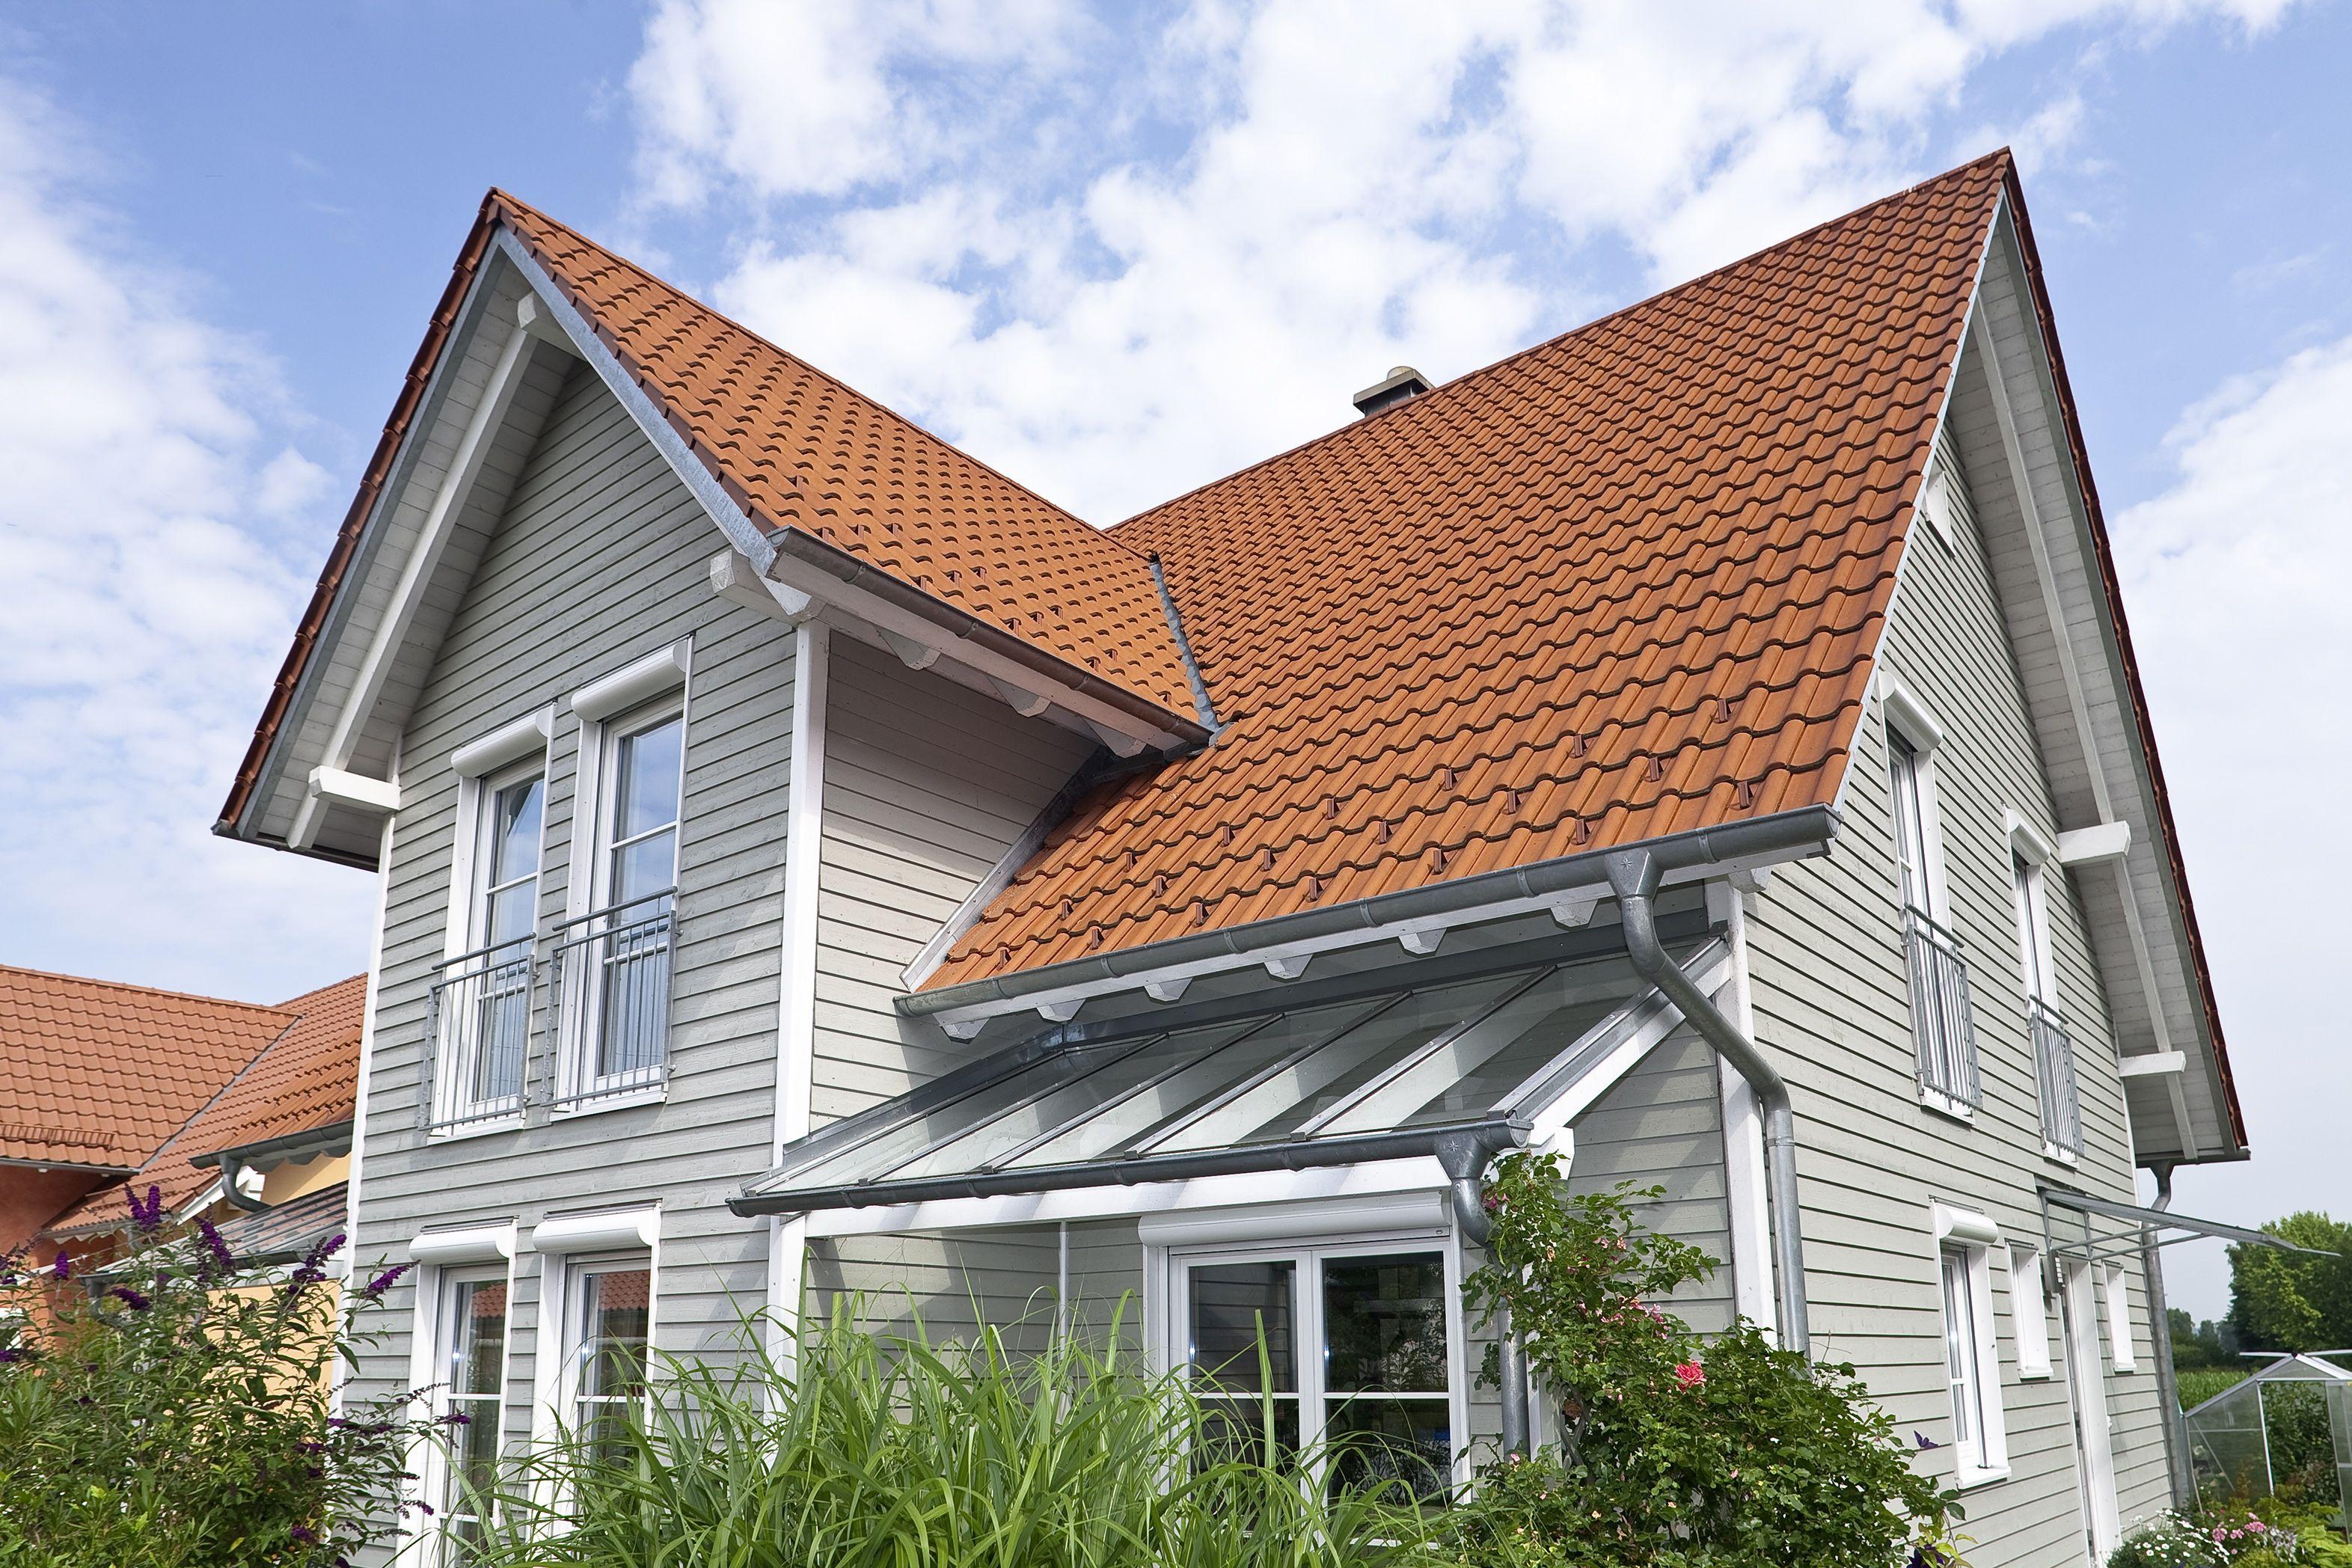 Dachgaube Modern holzhaus mit holzfassade in grau holzhaus aumann haus